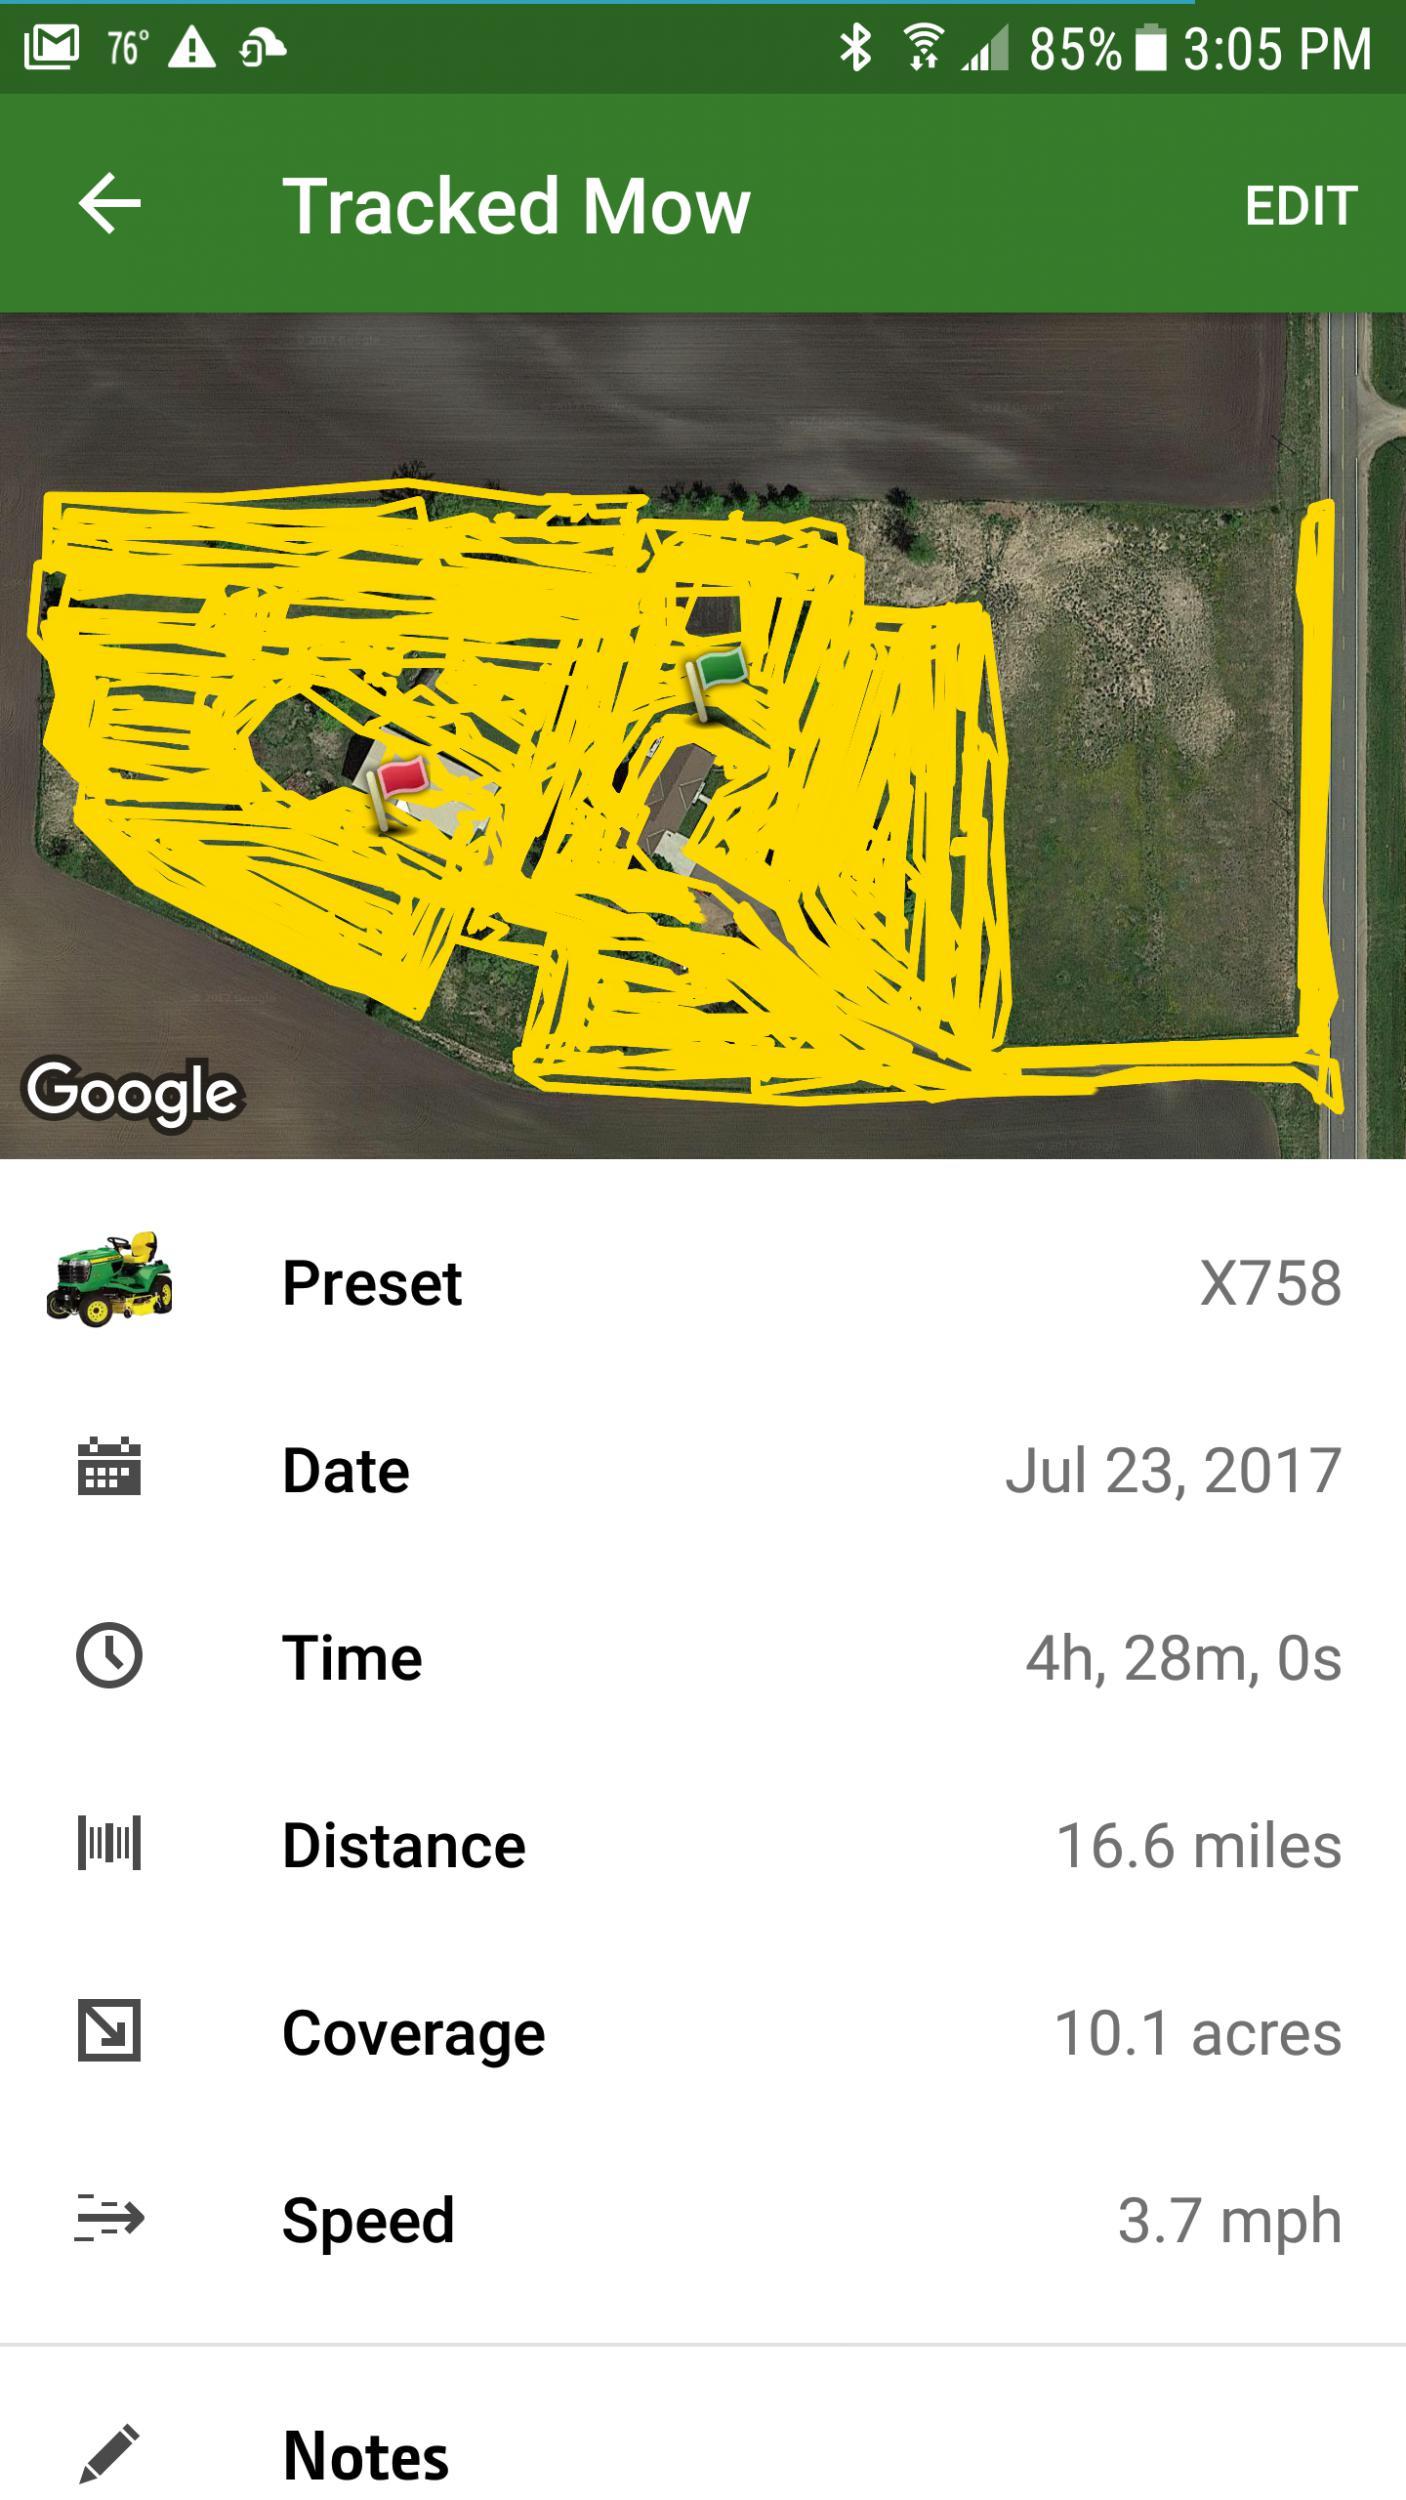 Tracked_full_mow.20170723.jpg